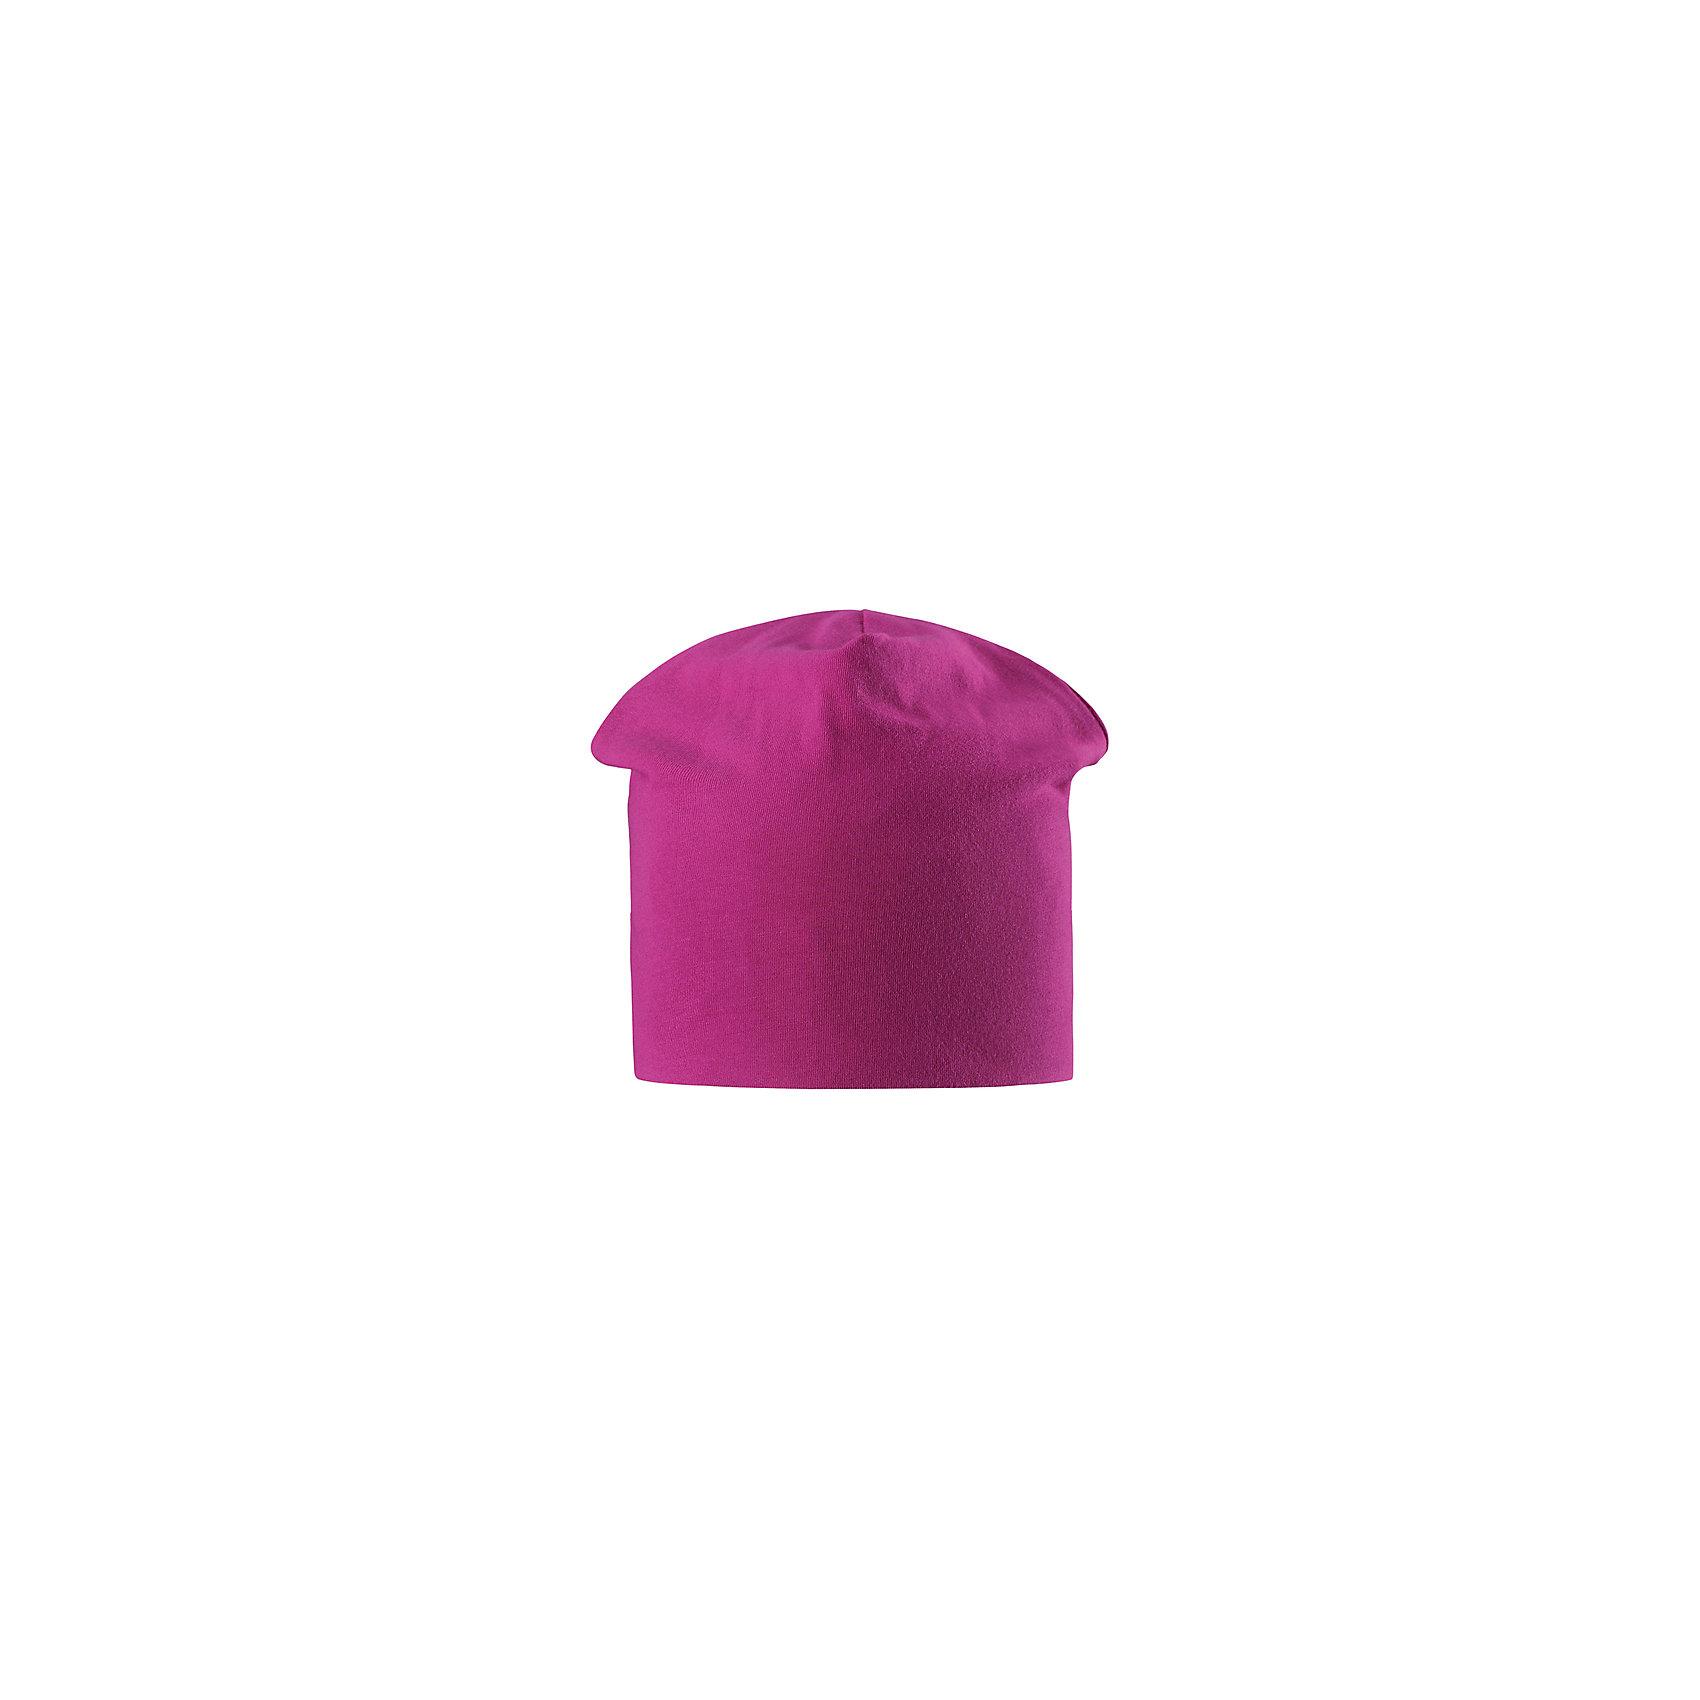 Шапка  для девочки LASSIEШапки и шарфы<br>Характеристики товара:<br><br>• цвет: сиреневый<br>• состав: 100% хлопок<br>• температурный режим: от +15°до +5°С<br>• эластичный хлопковый трикотаж<br>• мягкая сплошная подкладка: смесь хлопка jersey<br>• рисунок на передней части<br>• светоотражающая эмблема<br>• комфортная посадка<br>• страна производства: Китай<br>• страна бренда: Финляндия<br>• коллекция: весна-лето 2017<br><br>Детский головной убор может быть модным и удобным одновременно! Стильная шапка поможет обеспечить ребенку комфорт и дополнить наряд. Она отлично смотрится с различной одеждой. Шапка удобно сидит и аккуратно выглядит. Проста в уходе, долго служит. Продуманный крой разрабатывался специально для детей.<br><br>Обувь и одежда от финского бренда LASSIE by Reima пользуются популярностью во многих странах. Они стильные, качественные и удобные. Для производства продукции используются только безопасные, проверенные материалы и фурнитура. Порадуйте ребенка модными и красивыми вещами от Lassie®! <br><br>Шапку от финского бренда LASSIE by Reima можно купить в нашем интернет-магазине.<br><br>Ширина мм: 89<br>Глубина мм: 117<br>Высота мм: 44<br>Вес г: 155<br>Цвет: красный<br>Возраст от месяцев: 36<br>Возраст до месяцев: 60<br>Пол: Женский<br>Возраст: Детский<br>Размер: 50-52,54-56,46-48<br>SKU: 5264171